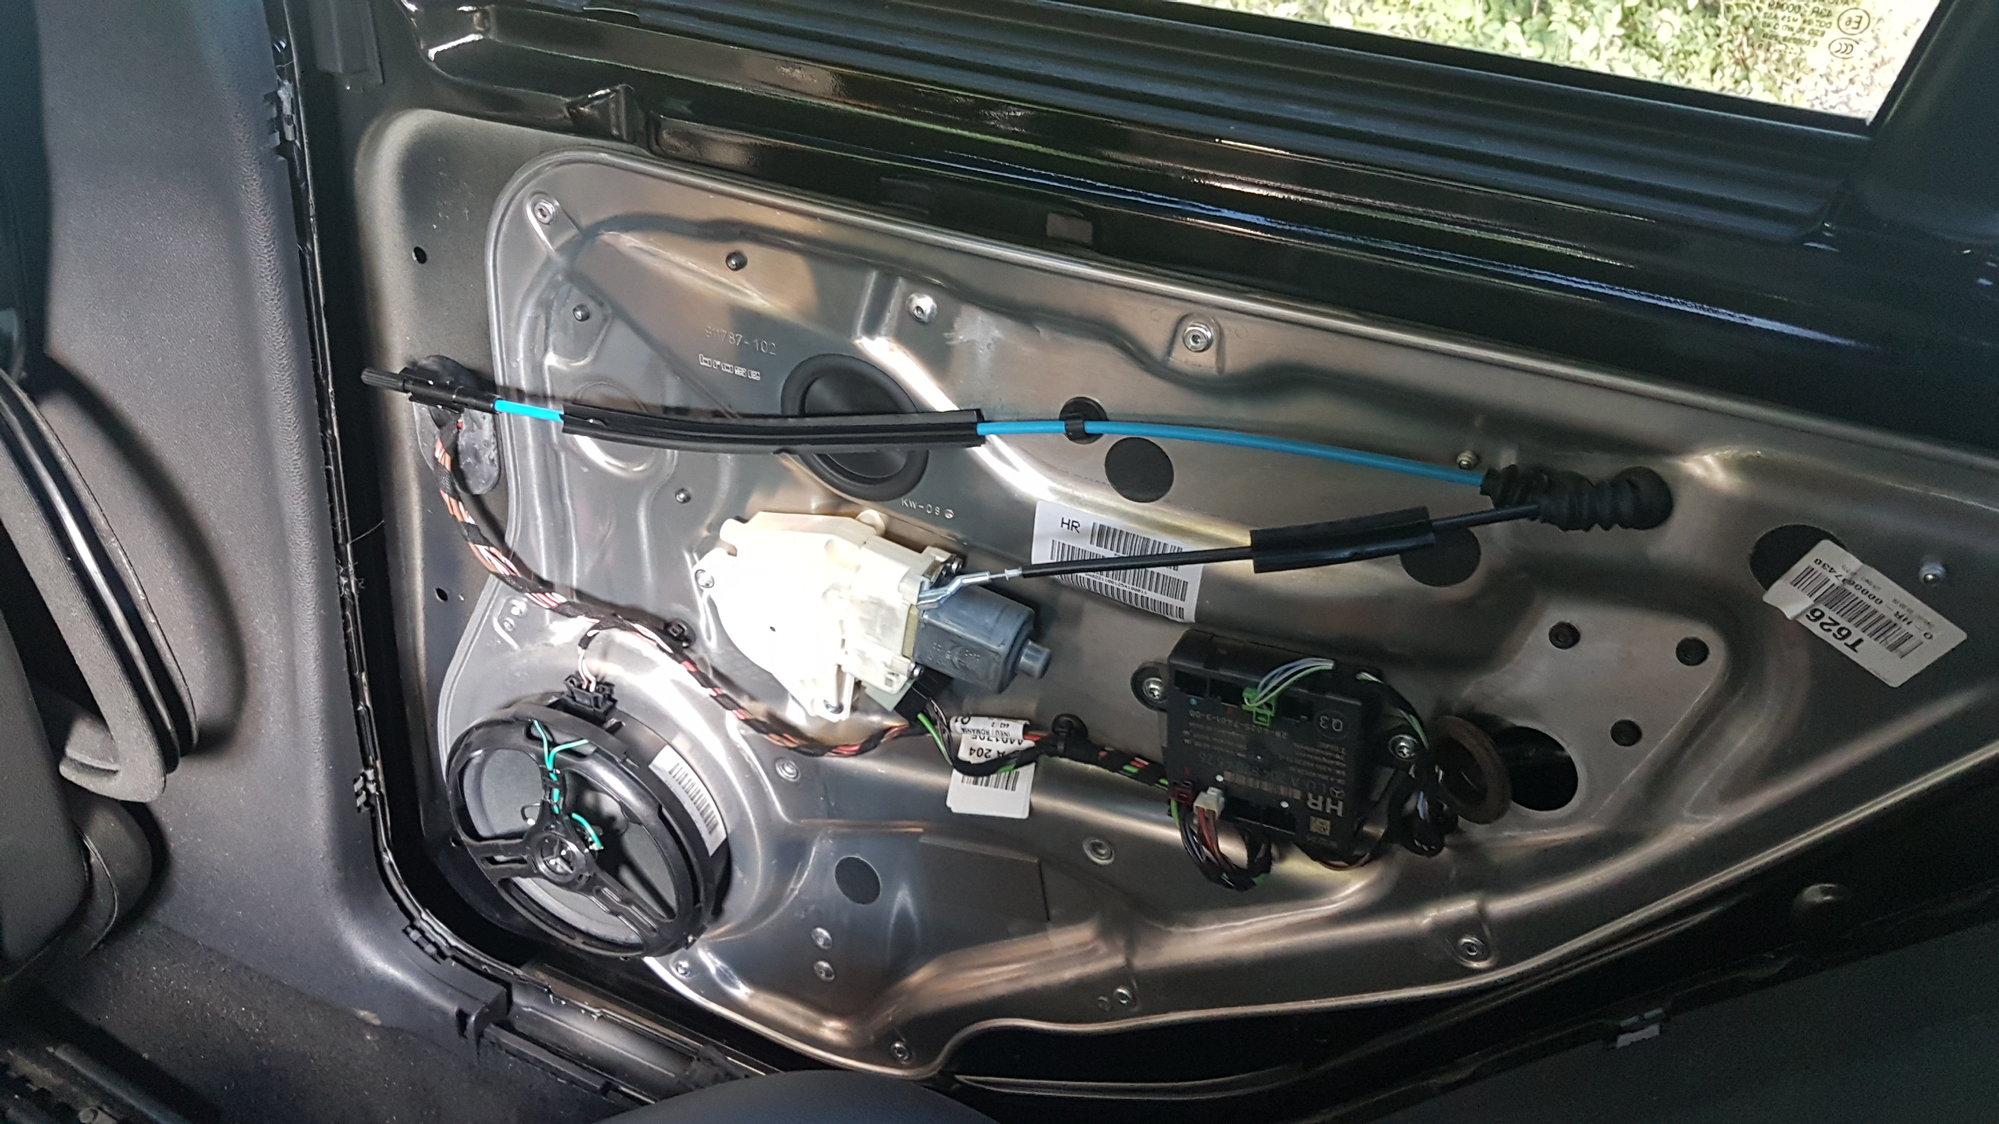 C300 W204 power door lock actuator fix - MBWorld org Forums